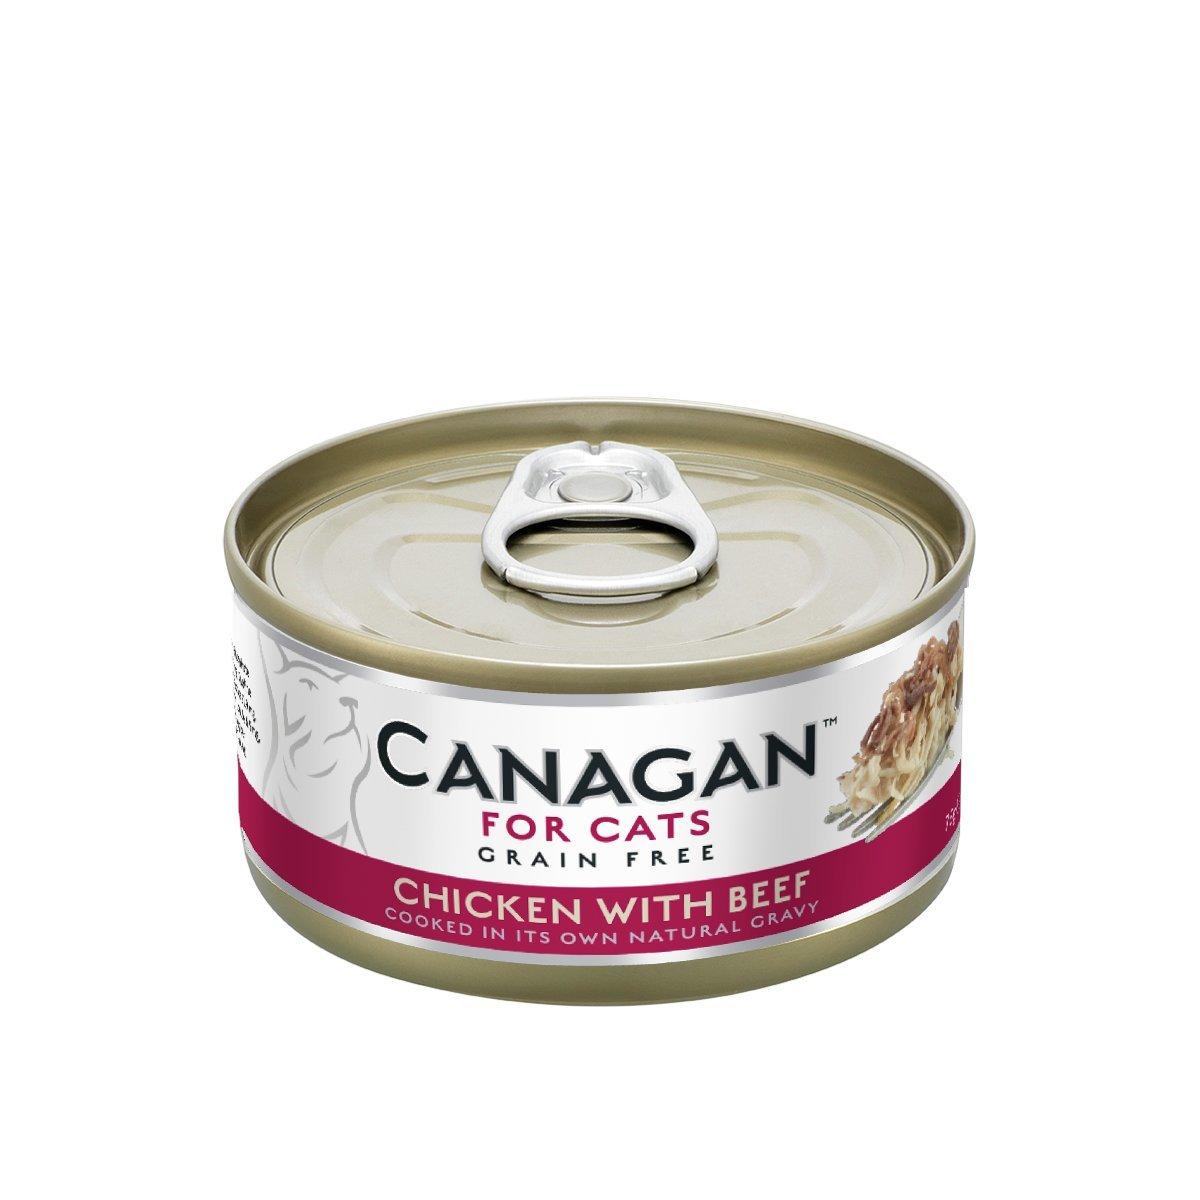 雞肉伴牛肉貓罐頭 (75g) #WE75